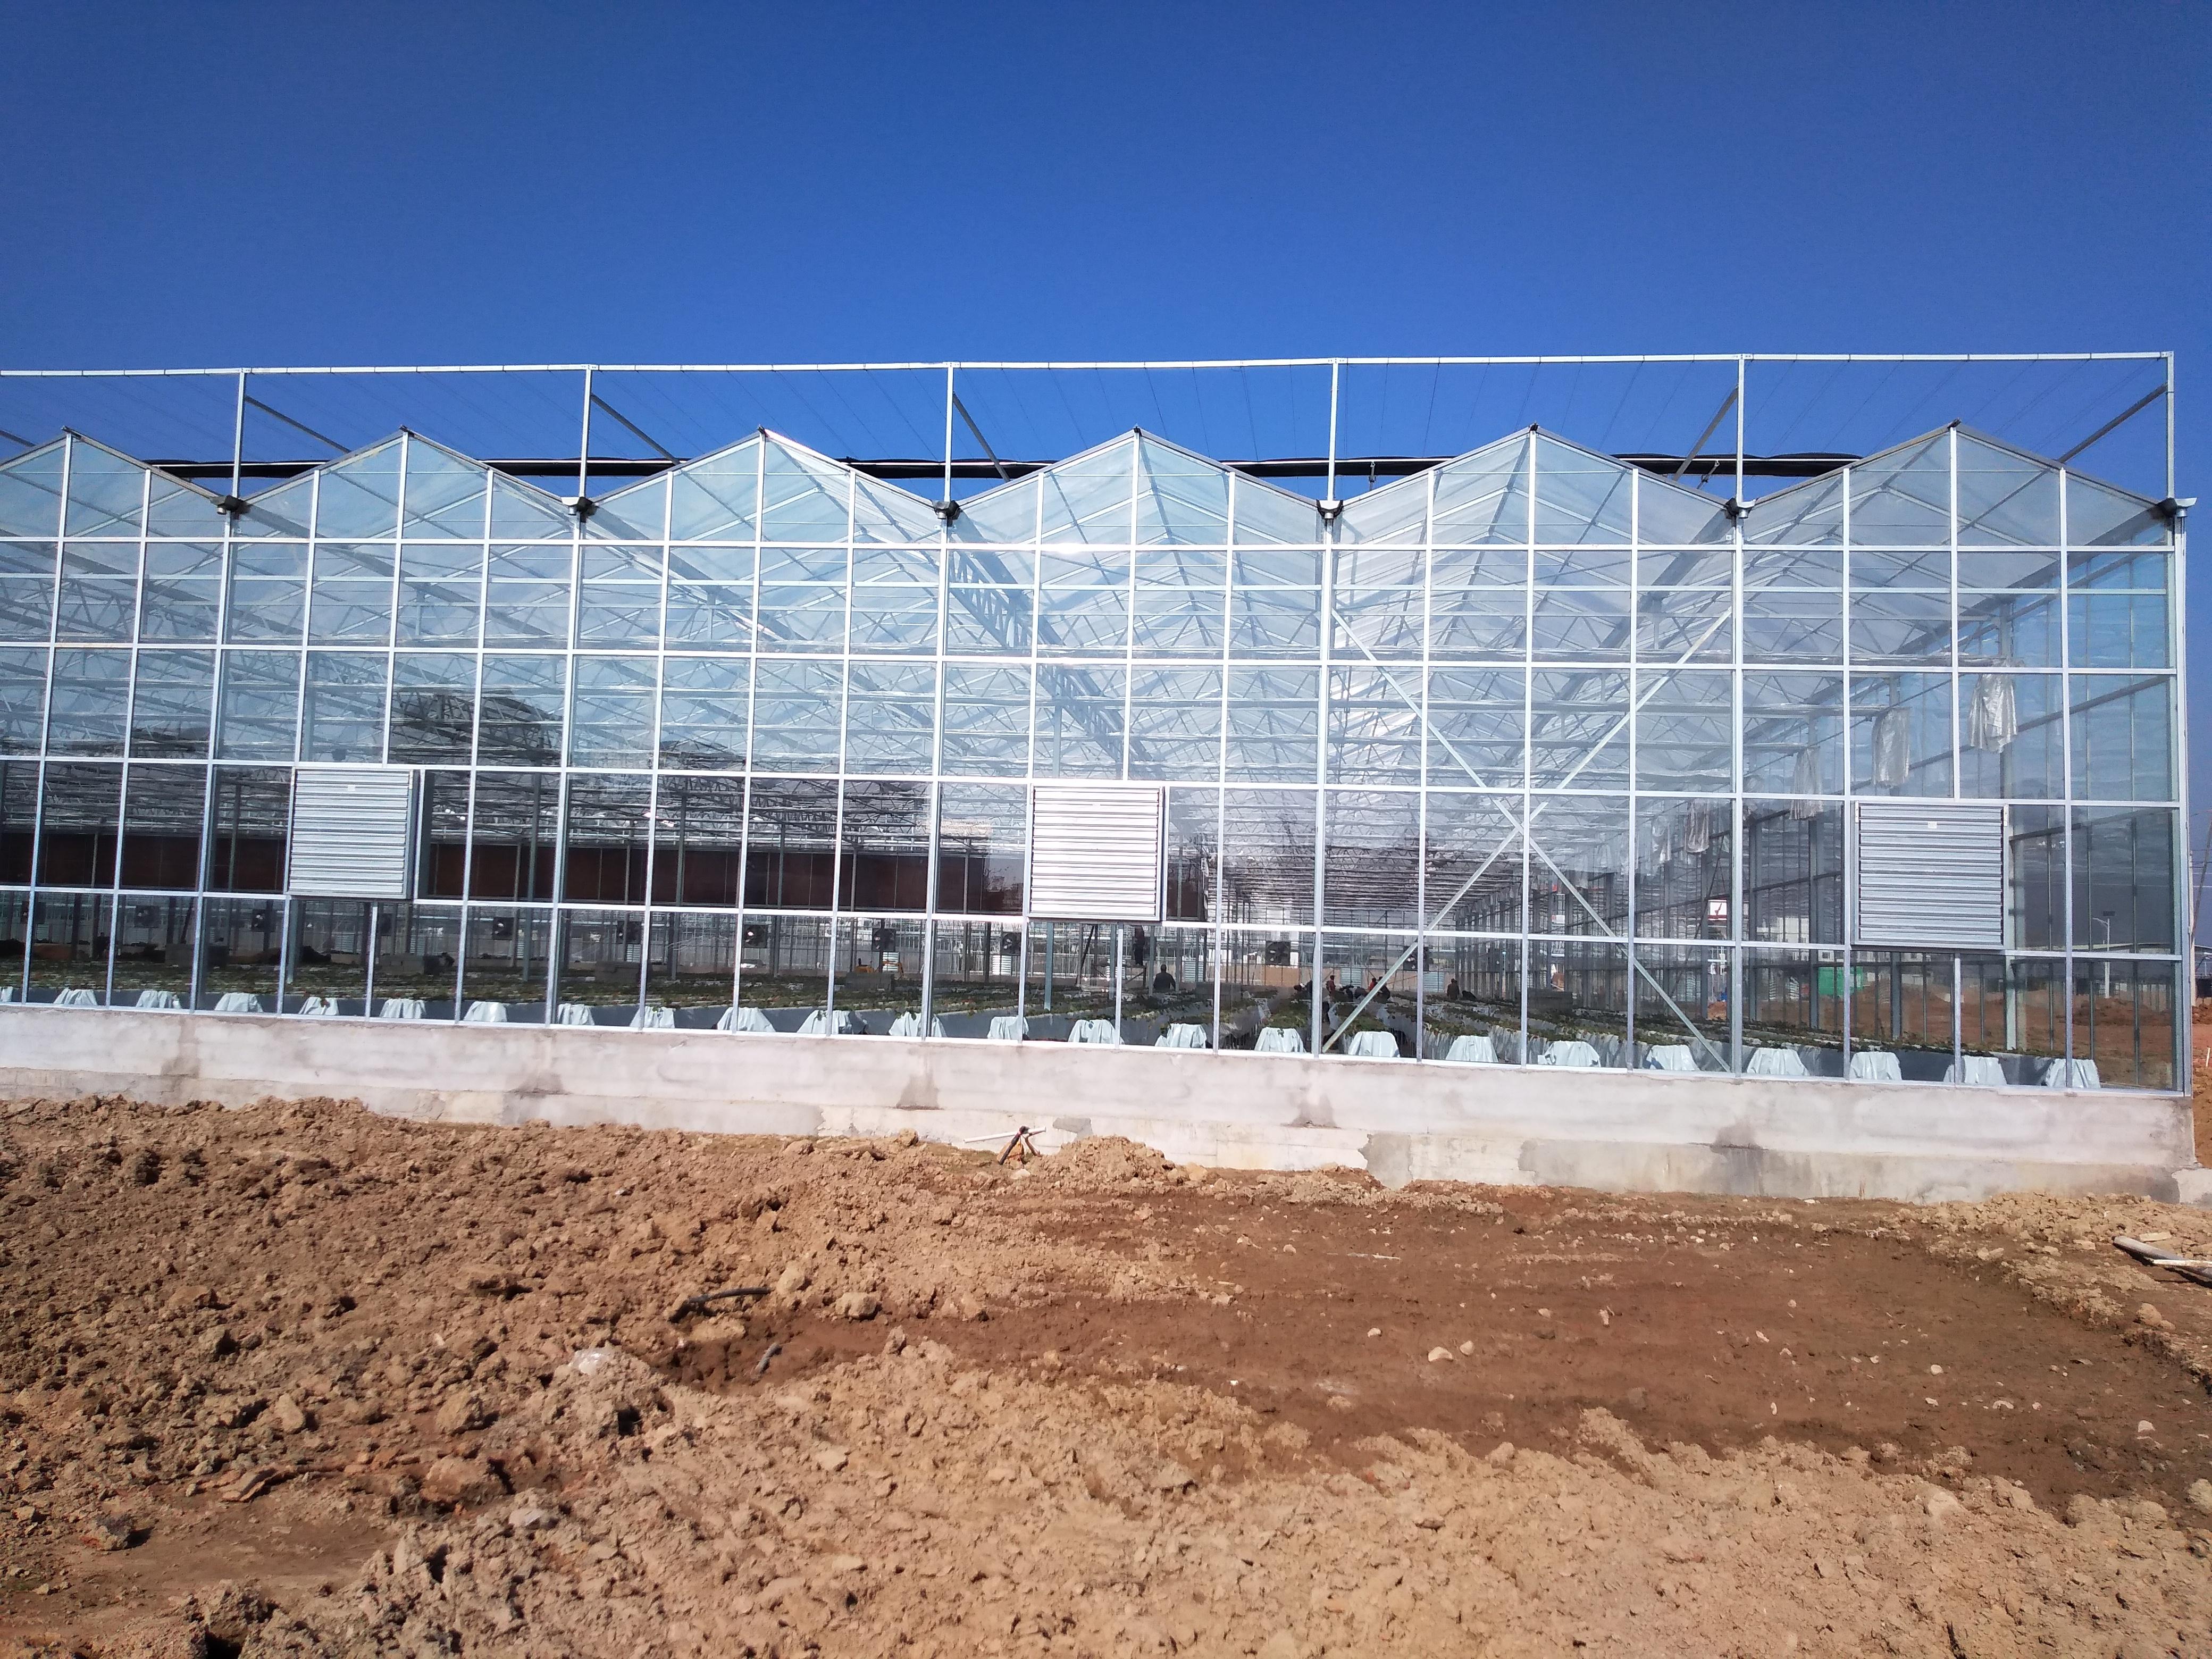 炎热夏季智能连栋温室大棚的内外遮阳系统有何区别,大棚电动遮阳